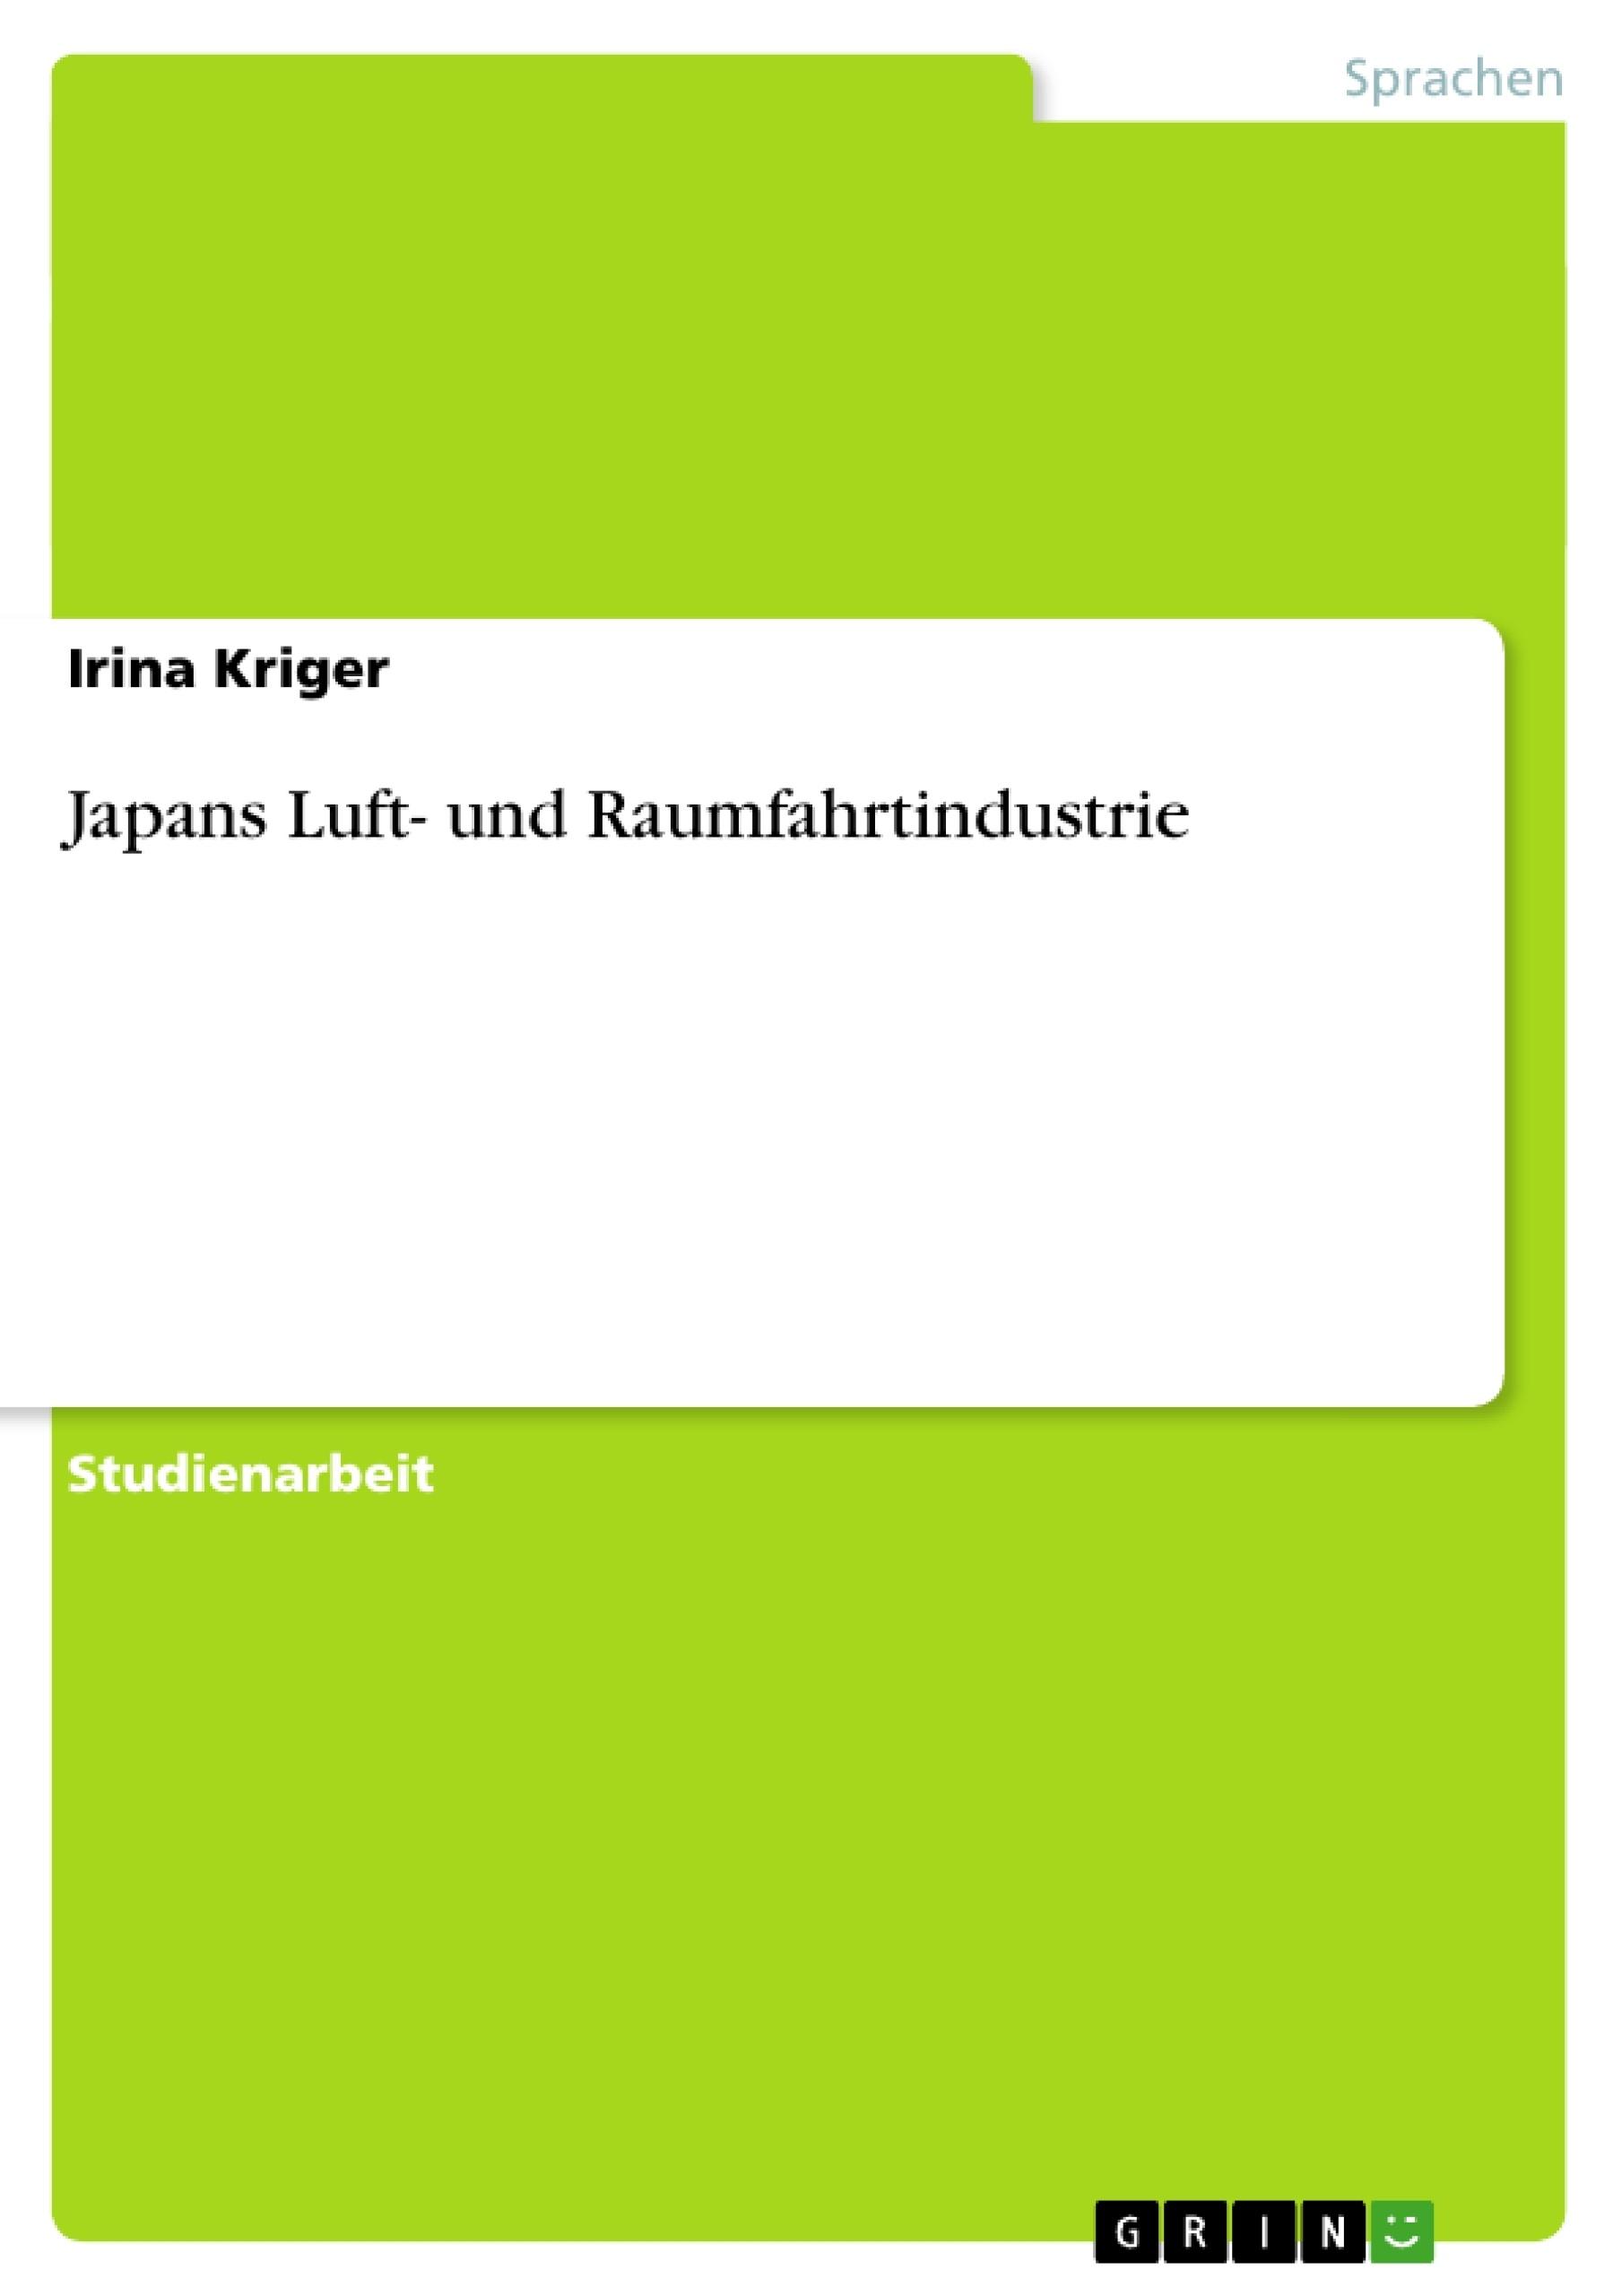 Titel: Japans Luft- und Raumfahrtindustrie